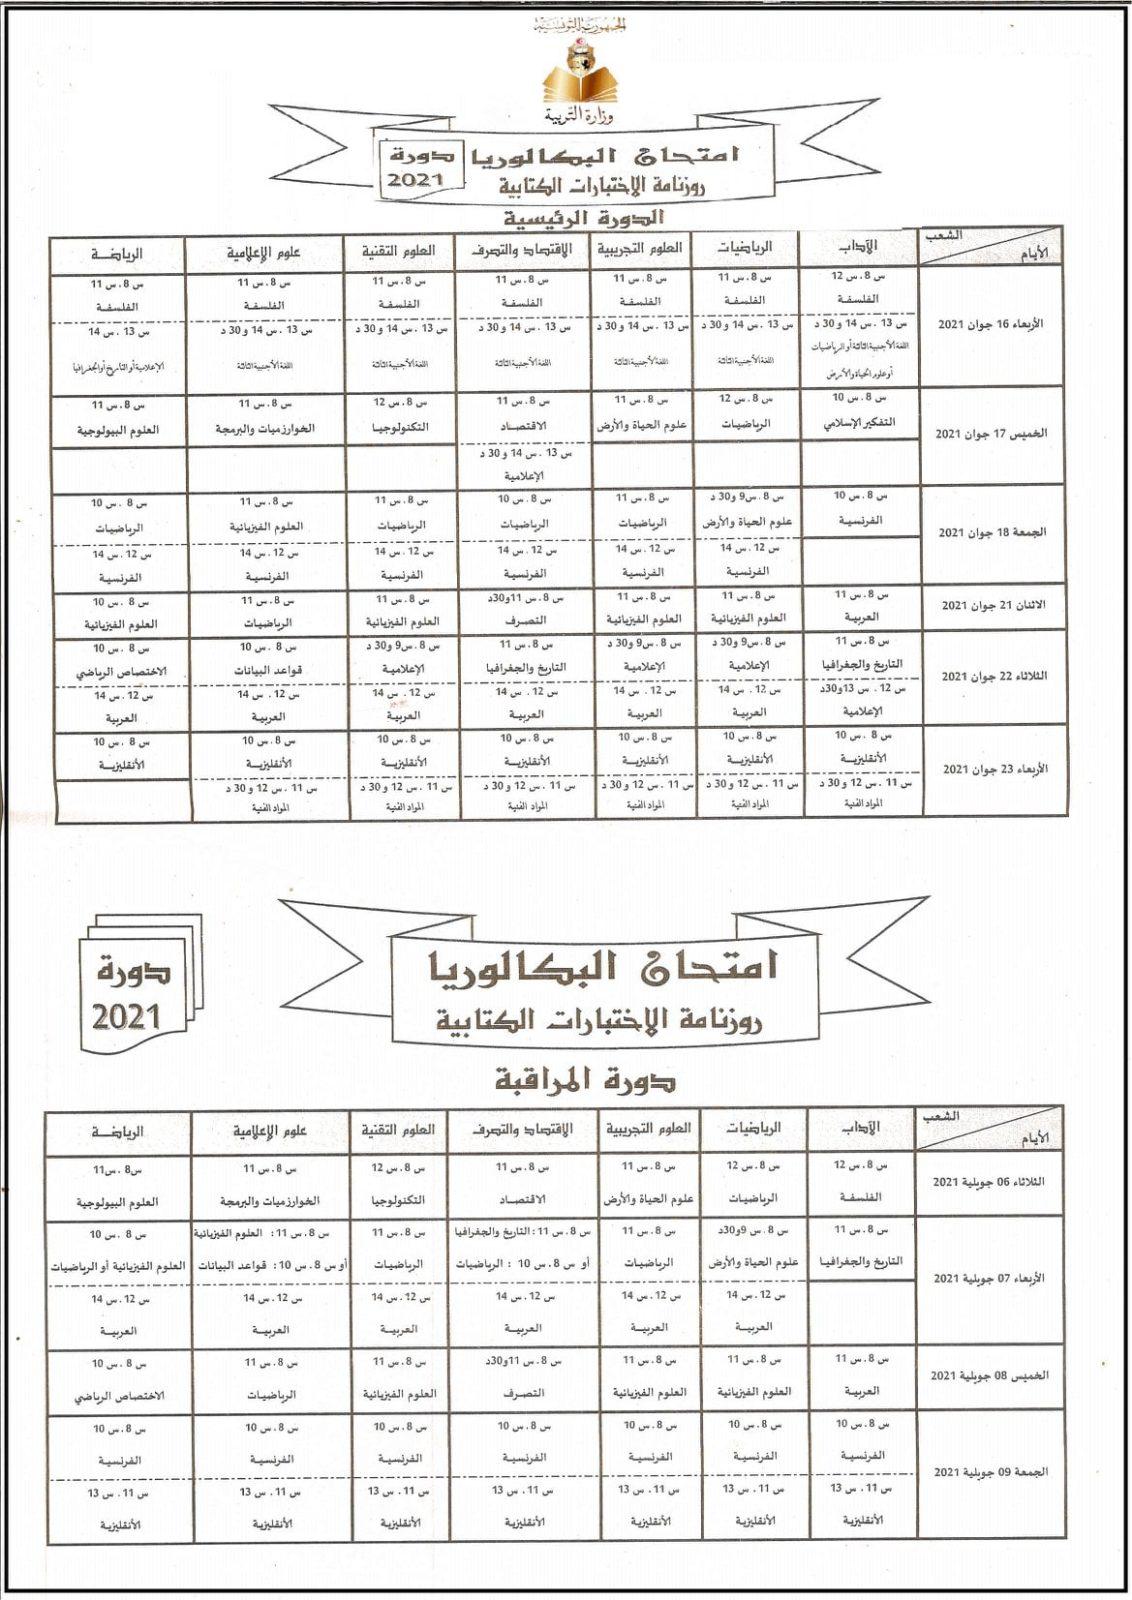 برنامج امتحان البكالوريا 2021 , بكالوريا 2021 سوريا , نتائج باك 2021 , تاريخ بكالوريا 2021 , بكالوريا تونس